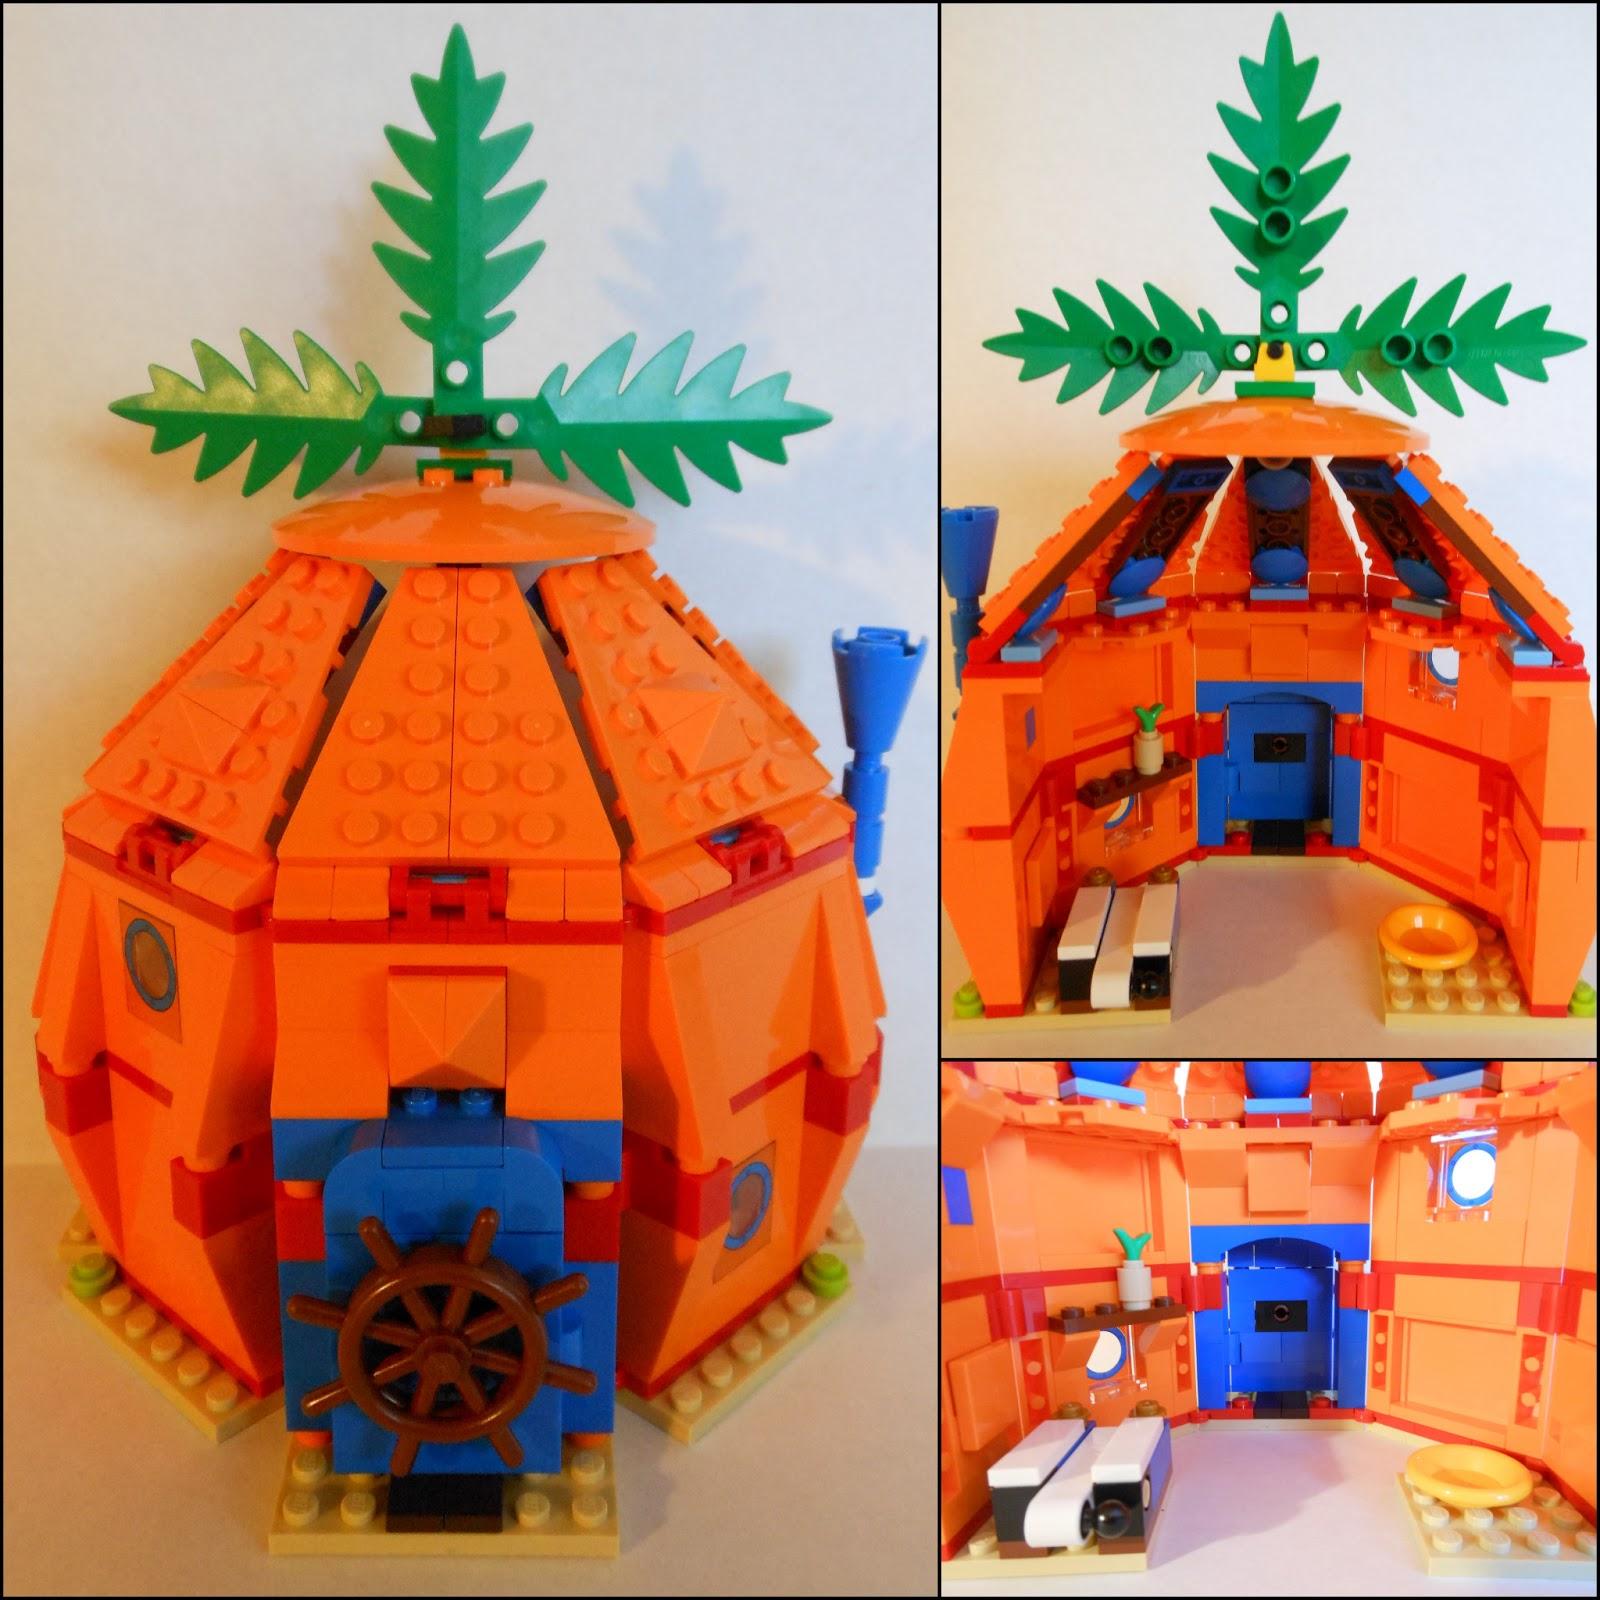 Lego Spongebob House Inside Views of spongebob s houseReal Spongebob House